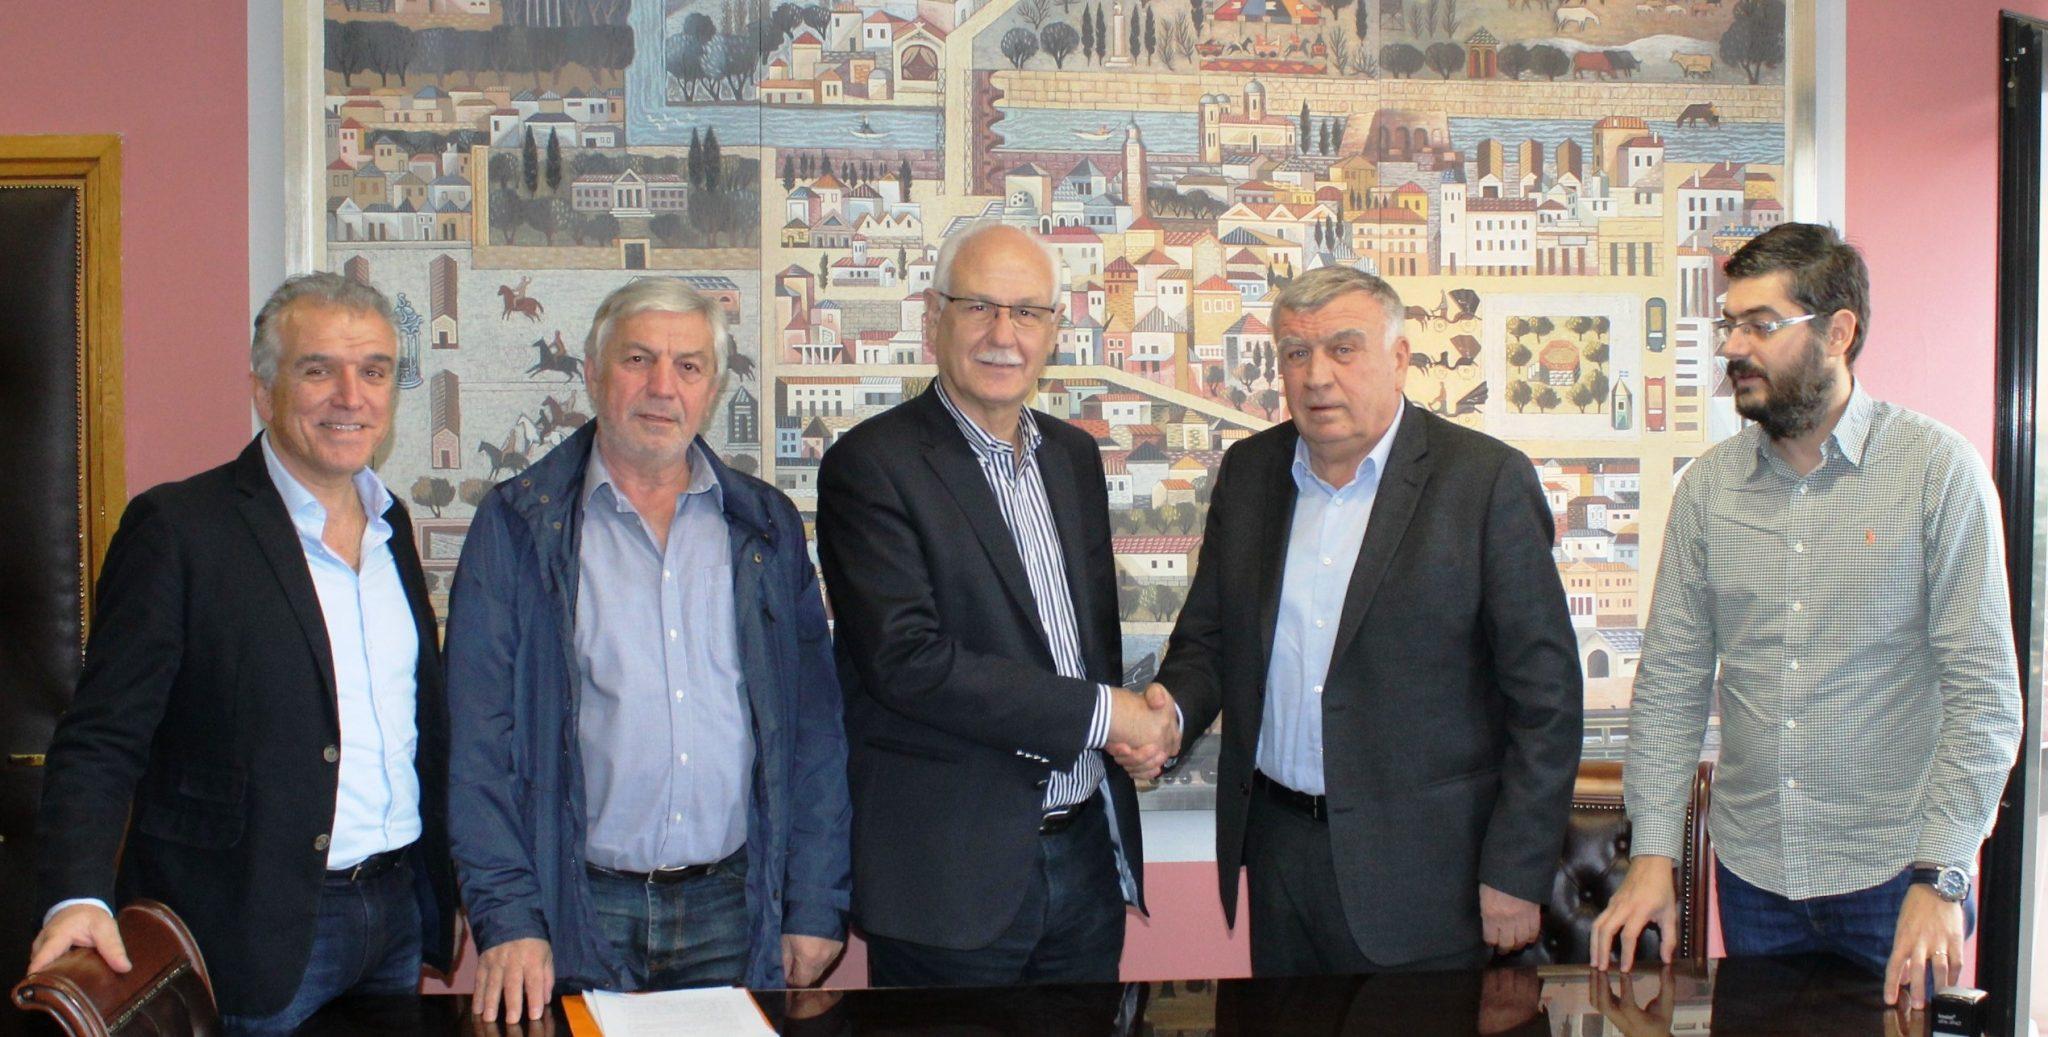 Μείωση της τιμής του νερού της ΔΕΥΑΛ σε τοπικές κοινότητες του Δήμου Κιλελέρ